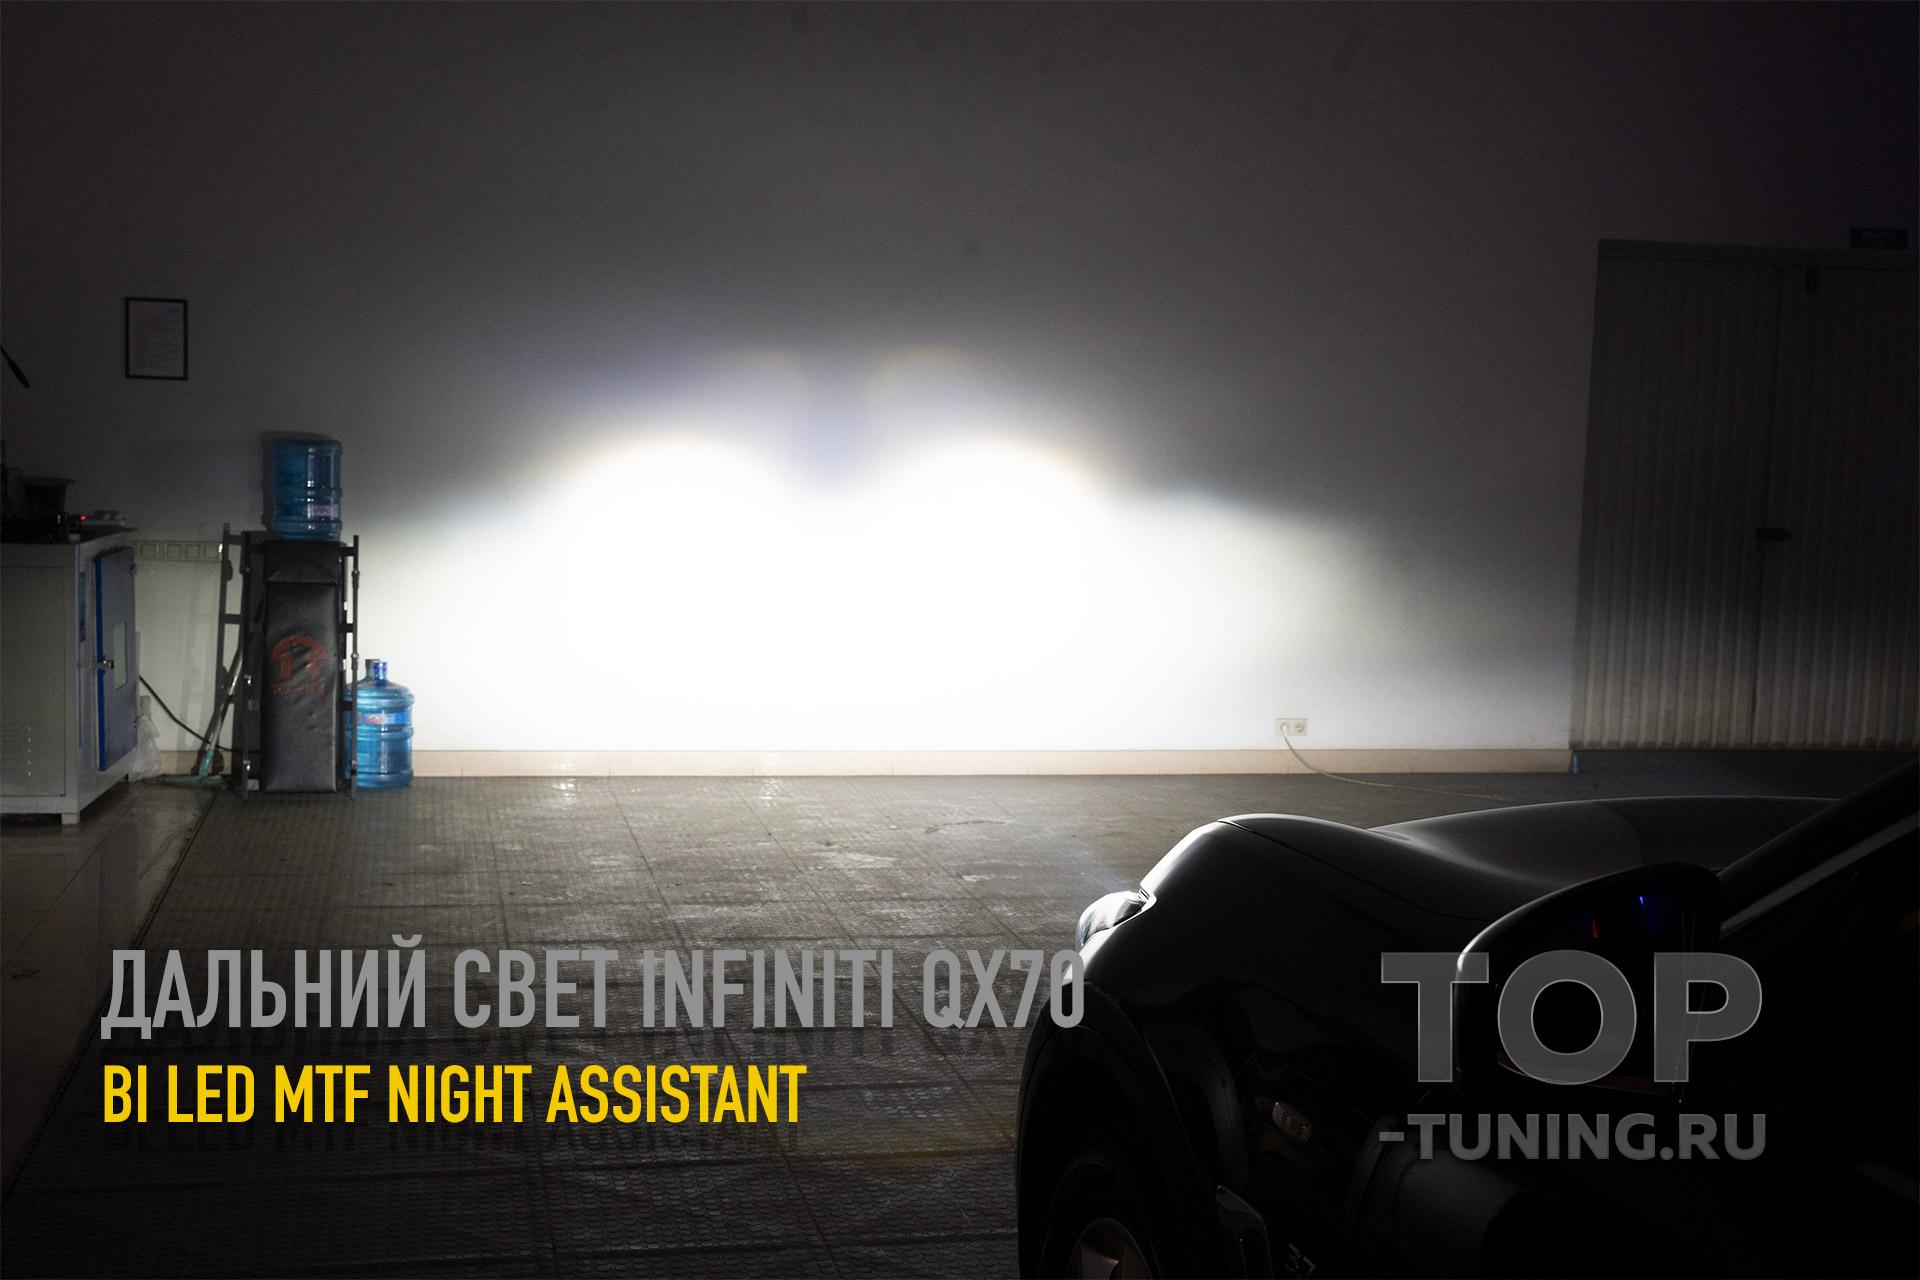 Светодиодный дальний свет MTF Light Bi LED линзы Night Assistant в Инфинити QX7 s51 (FX2)